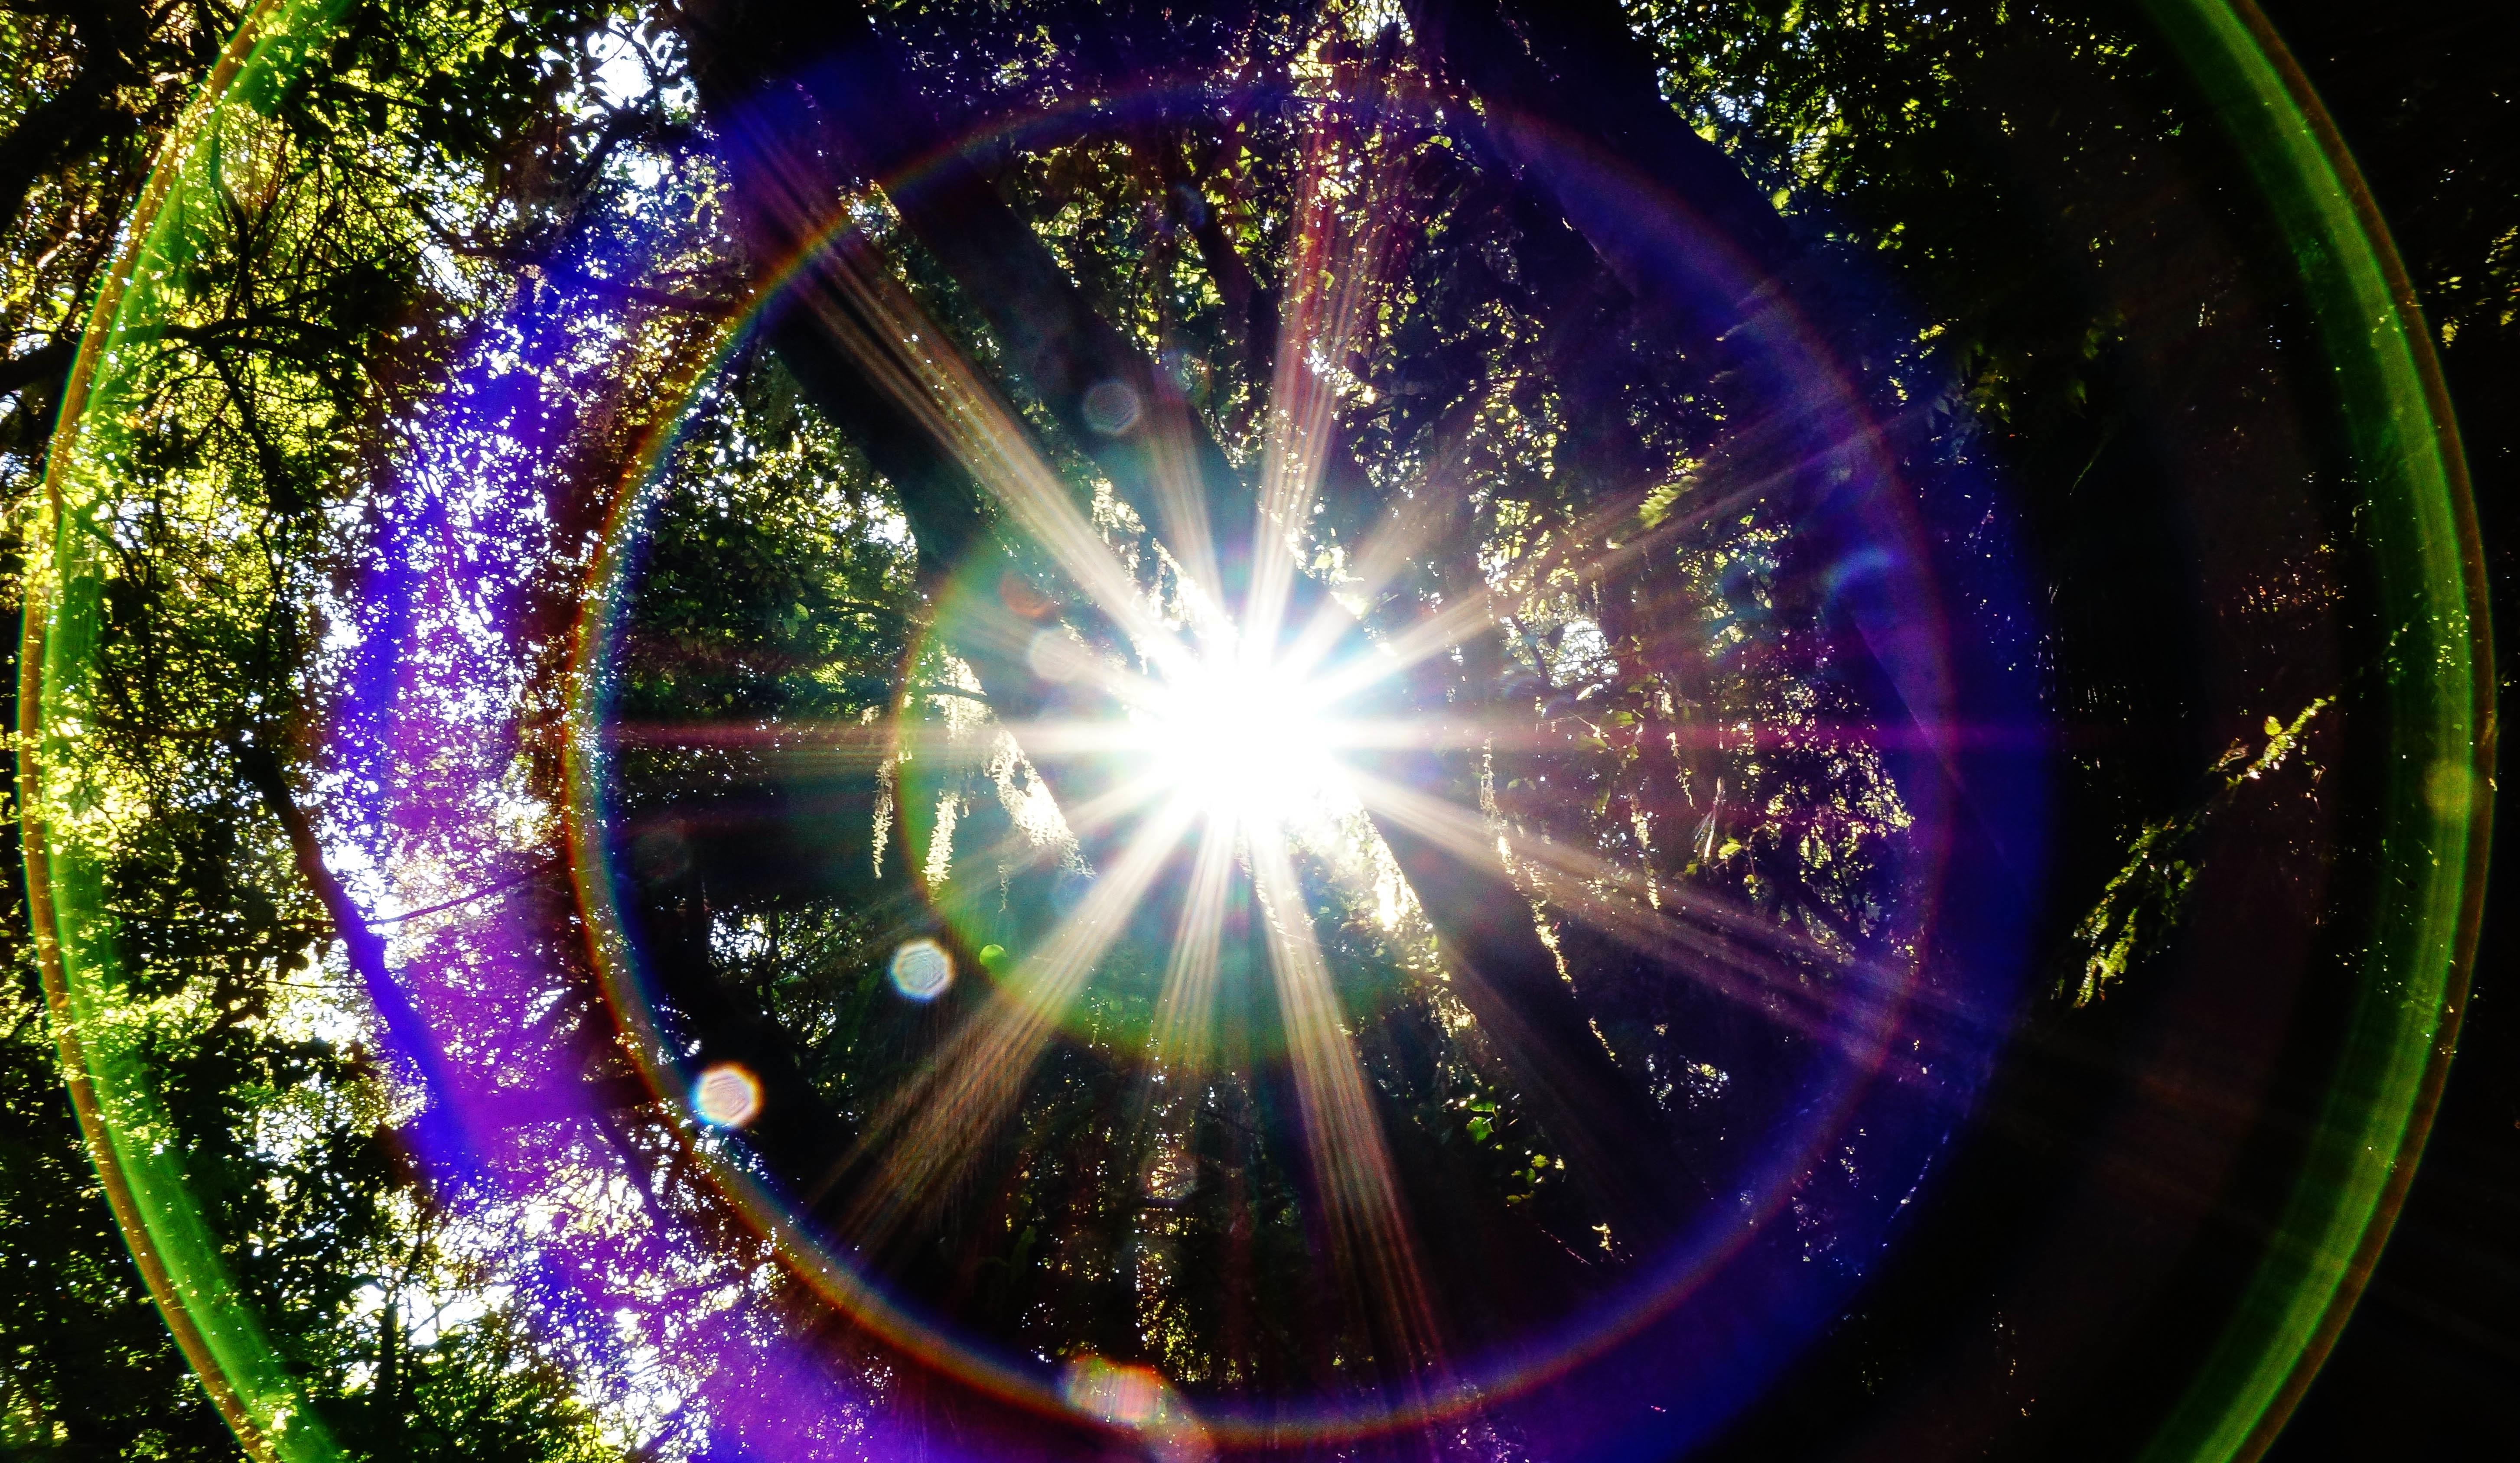 Gambar Cahaya Sinar Matahari Warna Lingkaran Alam Semesta